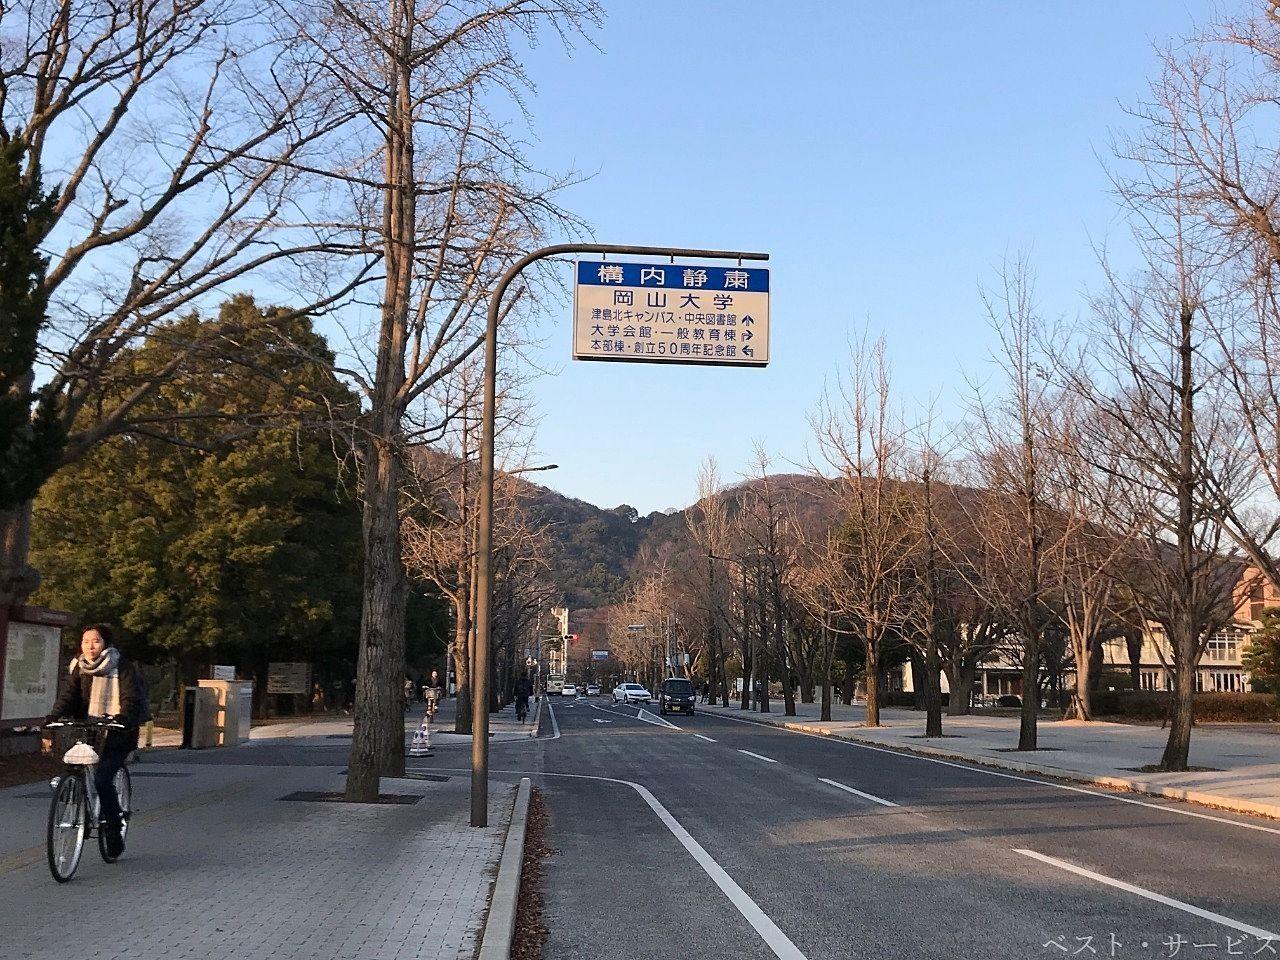 ↑津島北キャンパス・中央図書館/→大学会館・一般教育棟/←本部棟・創立50周年記念館